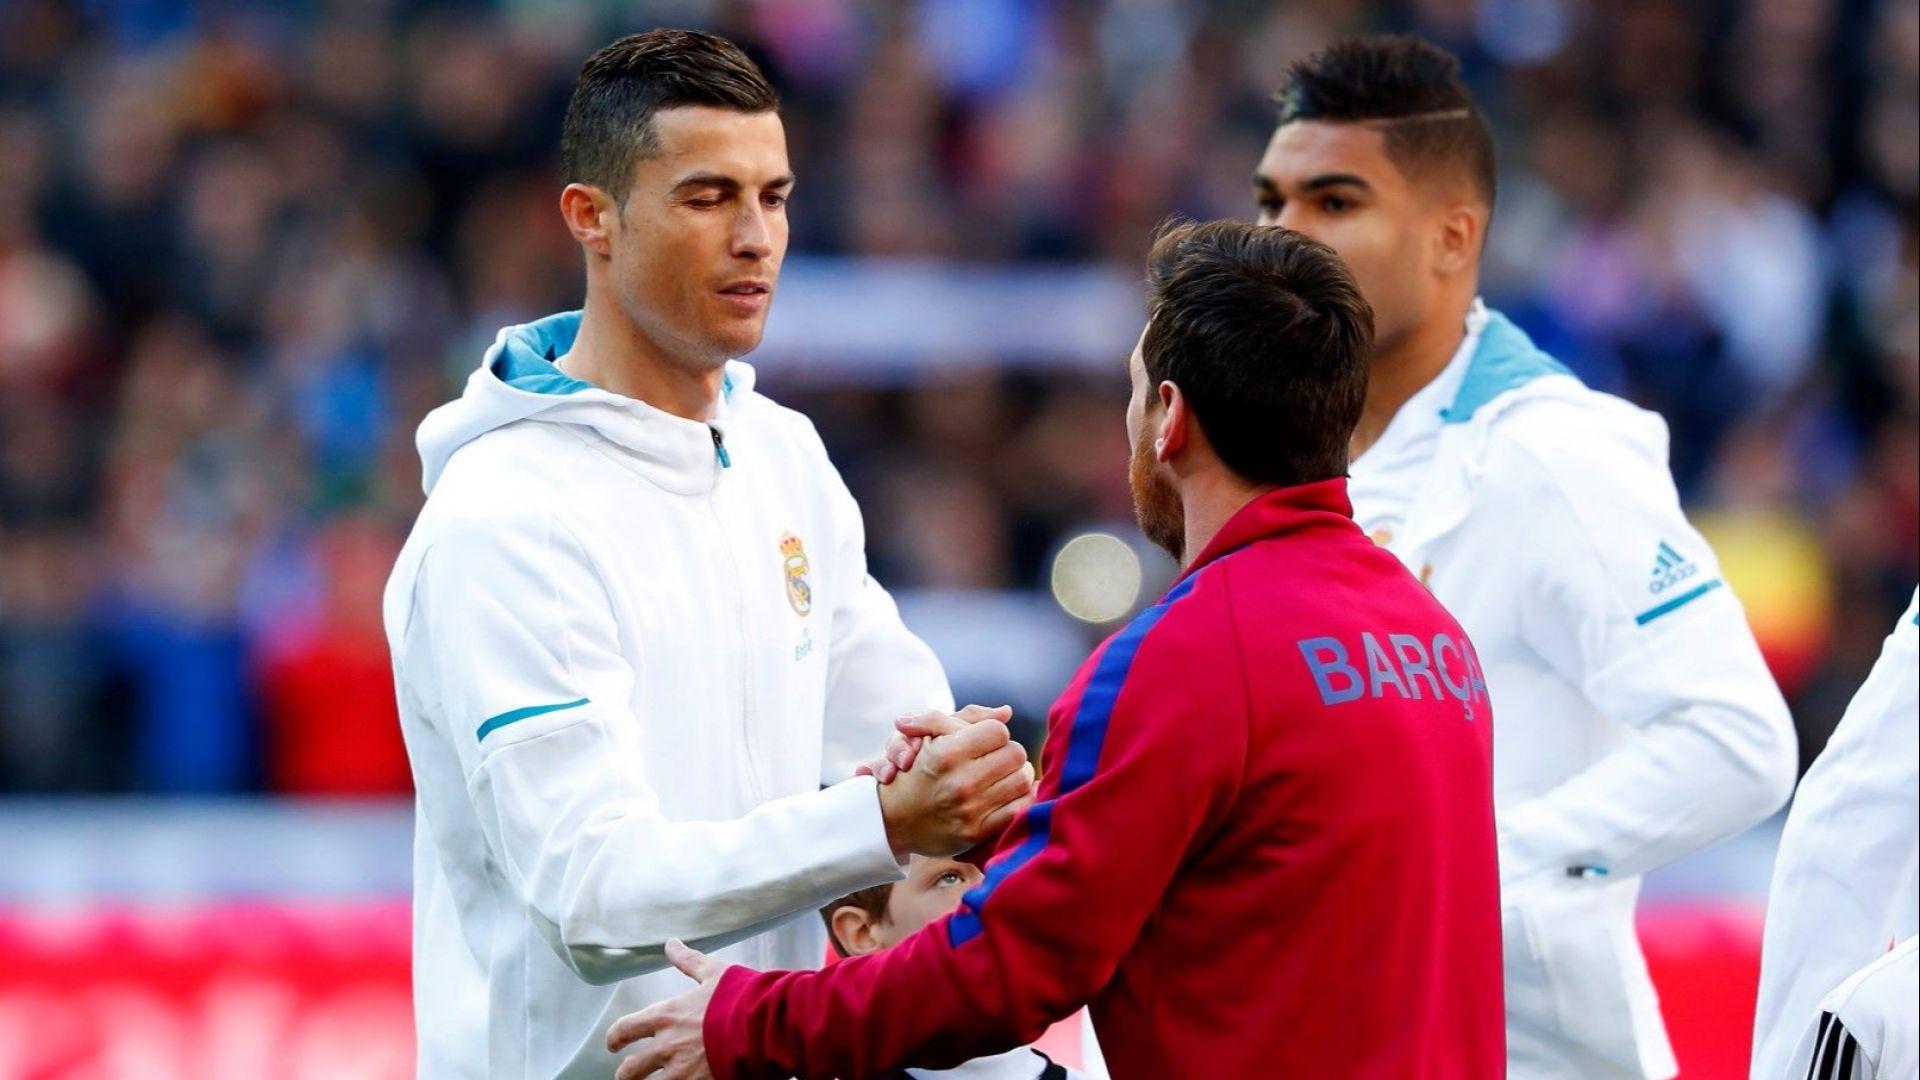 Един по-различен 8 декември: Роналдо срещу Меси в менюто за купона (Програма в ШЛ)